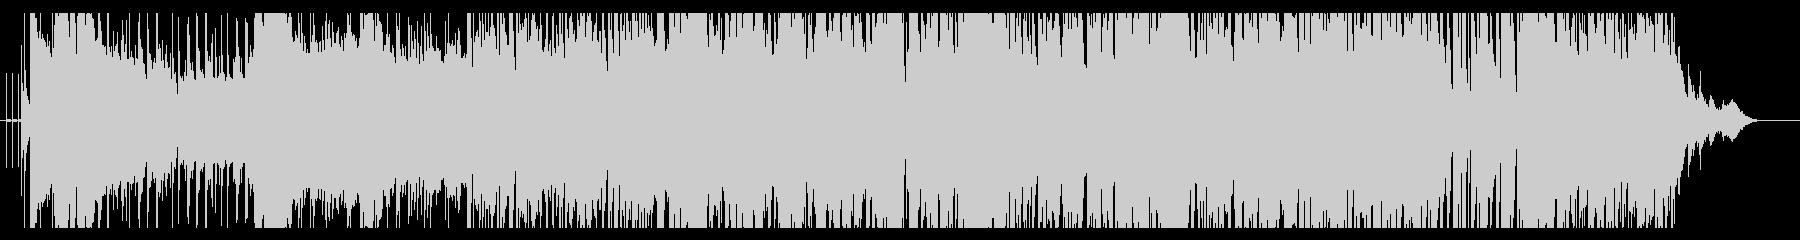 電波系の明るいPopsの未再生の波形